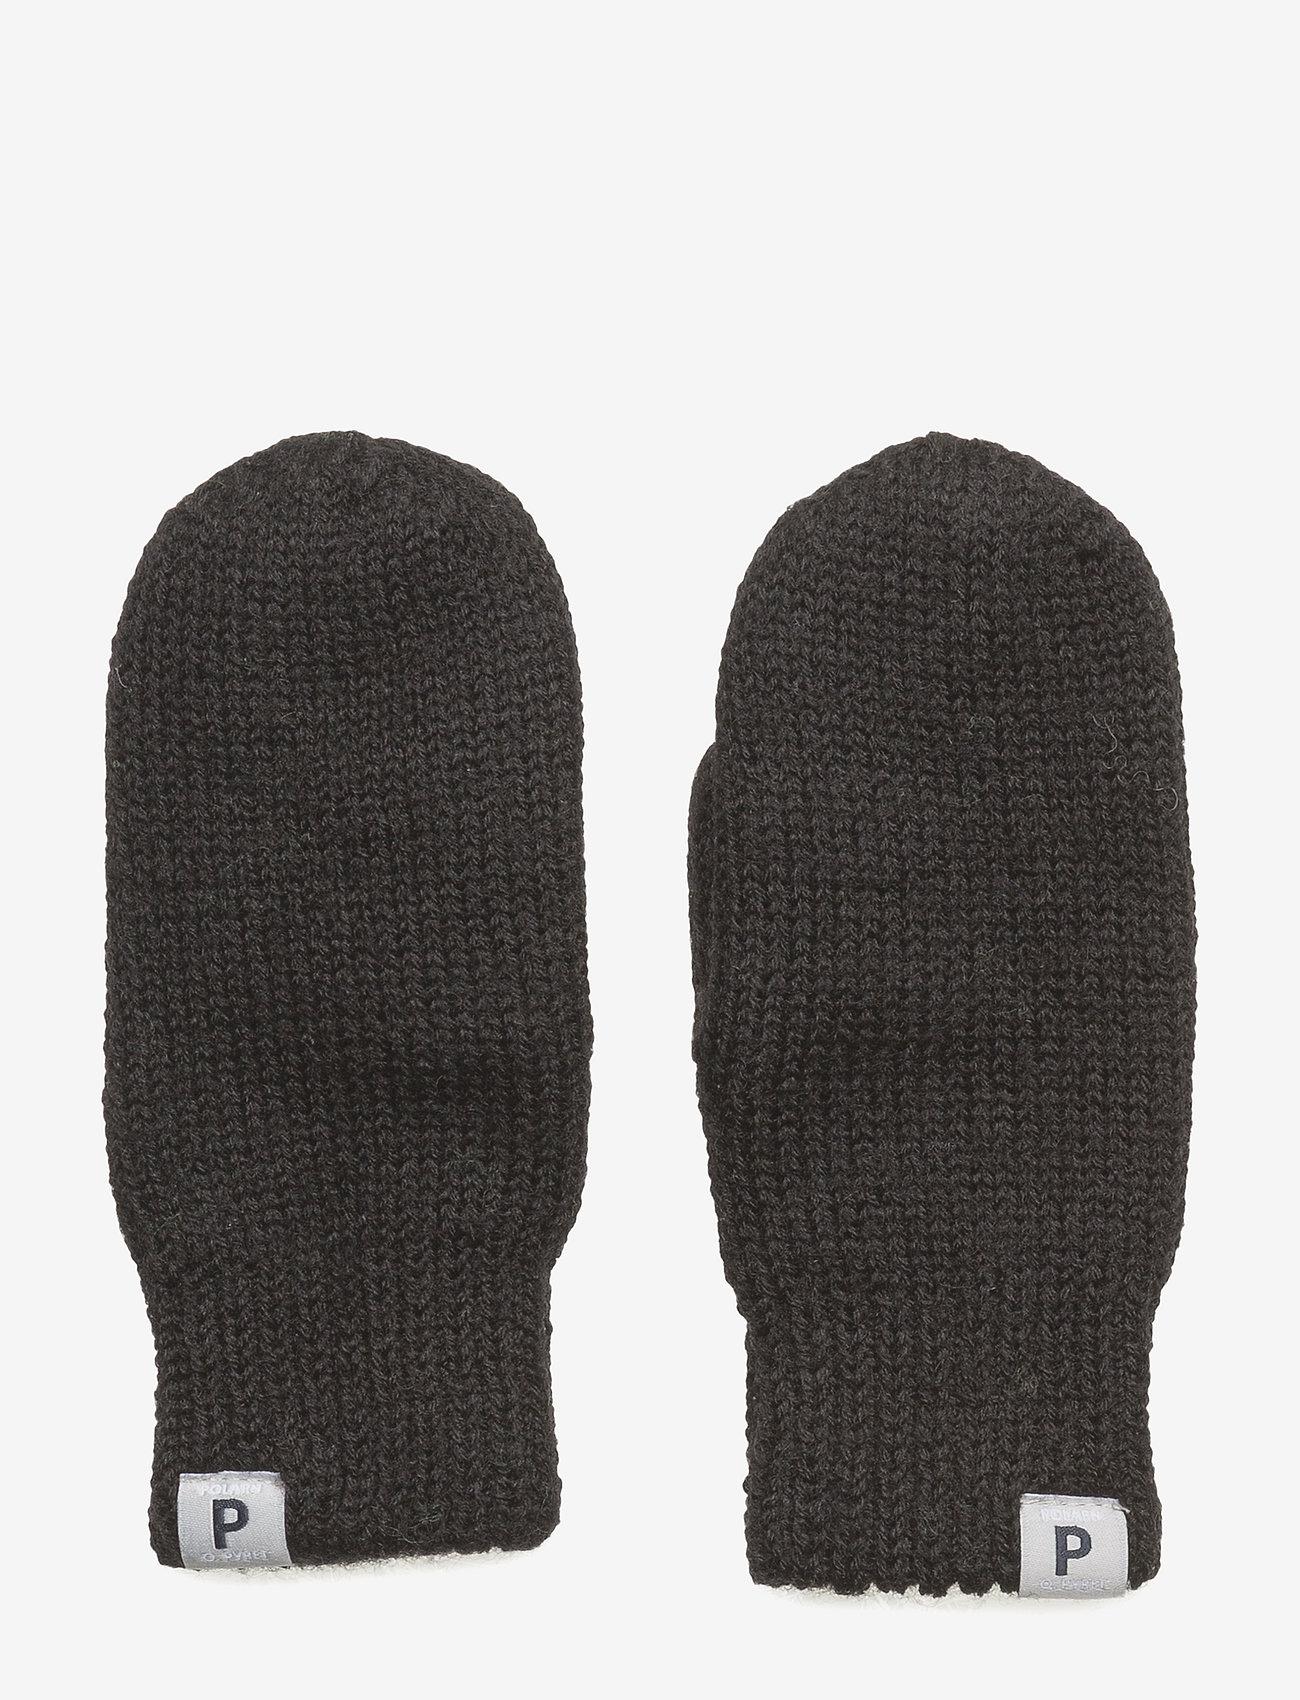 Polarn O. Pyret - Mitten Wool Baby - black - 0